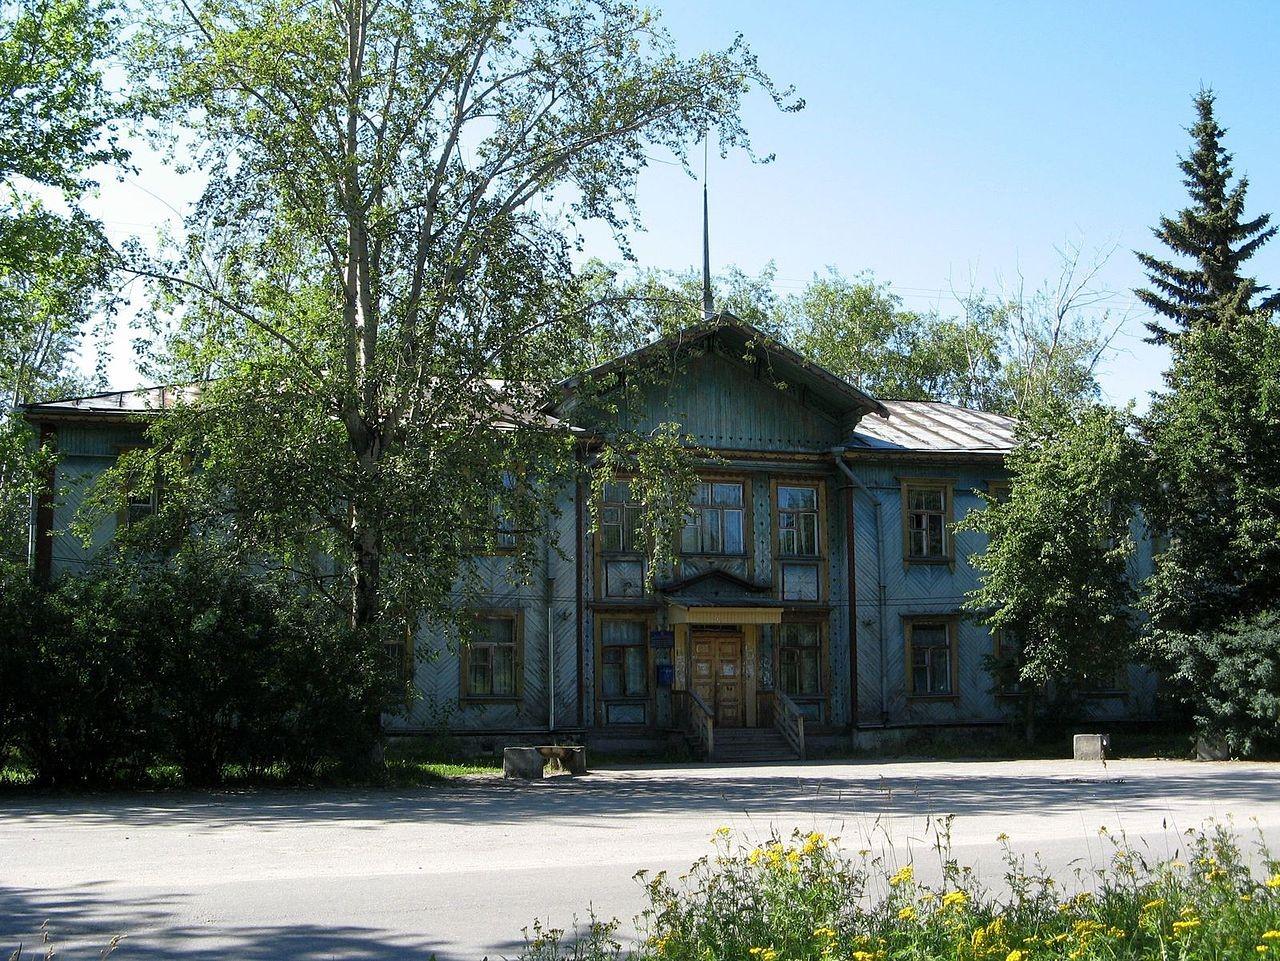 Ниша частных домов престарелых в украине остается незанятой бутурлинский дом интернат для престарелых и инвалидов